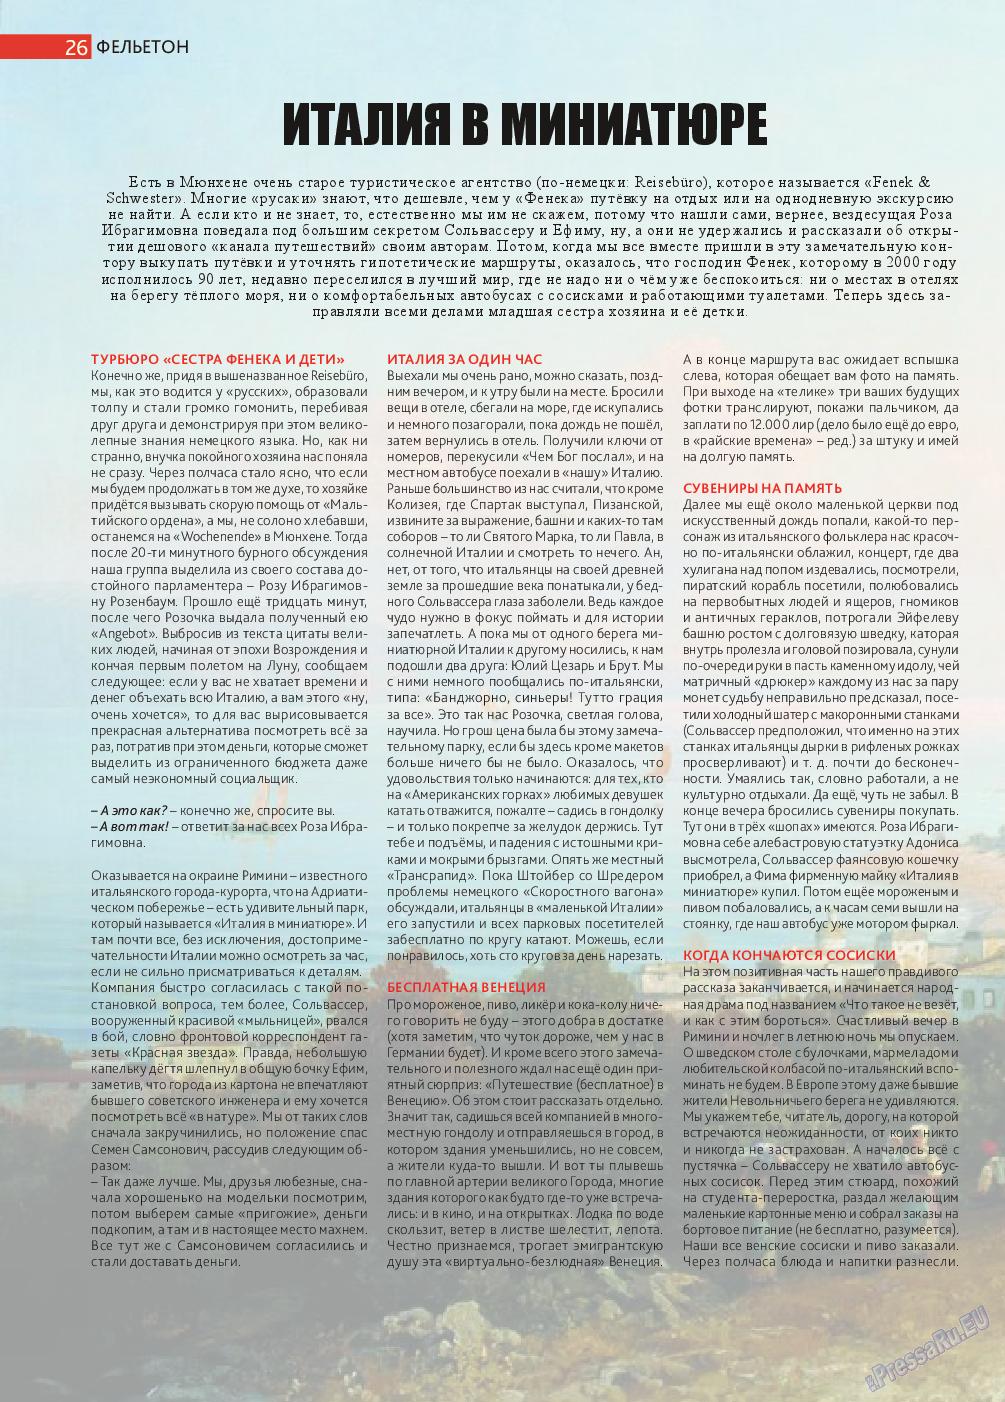 Афиша Augsburg (журнал). 2014 год, номер 9, стр. 26